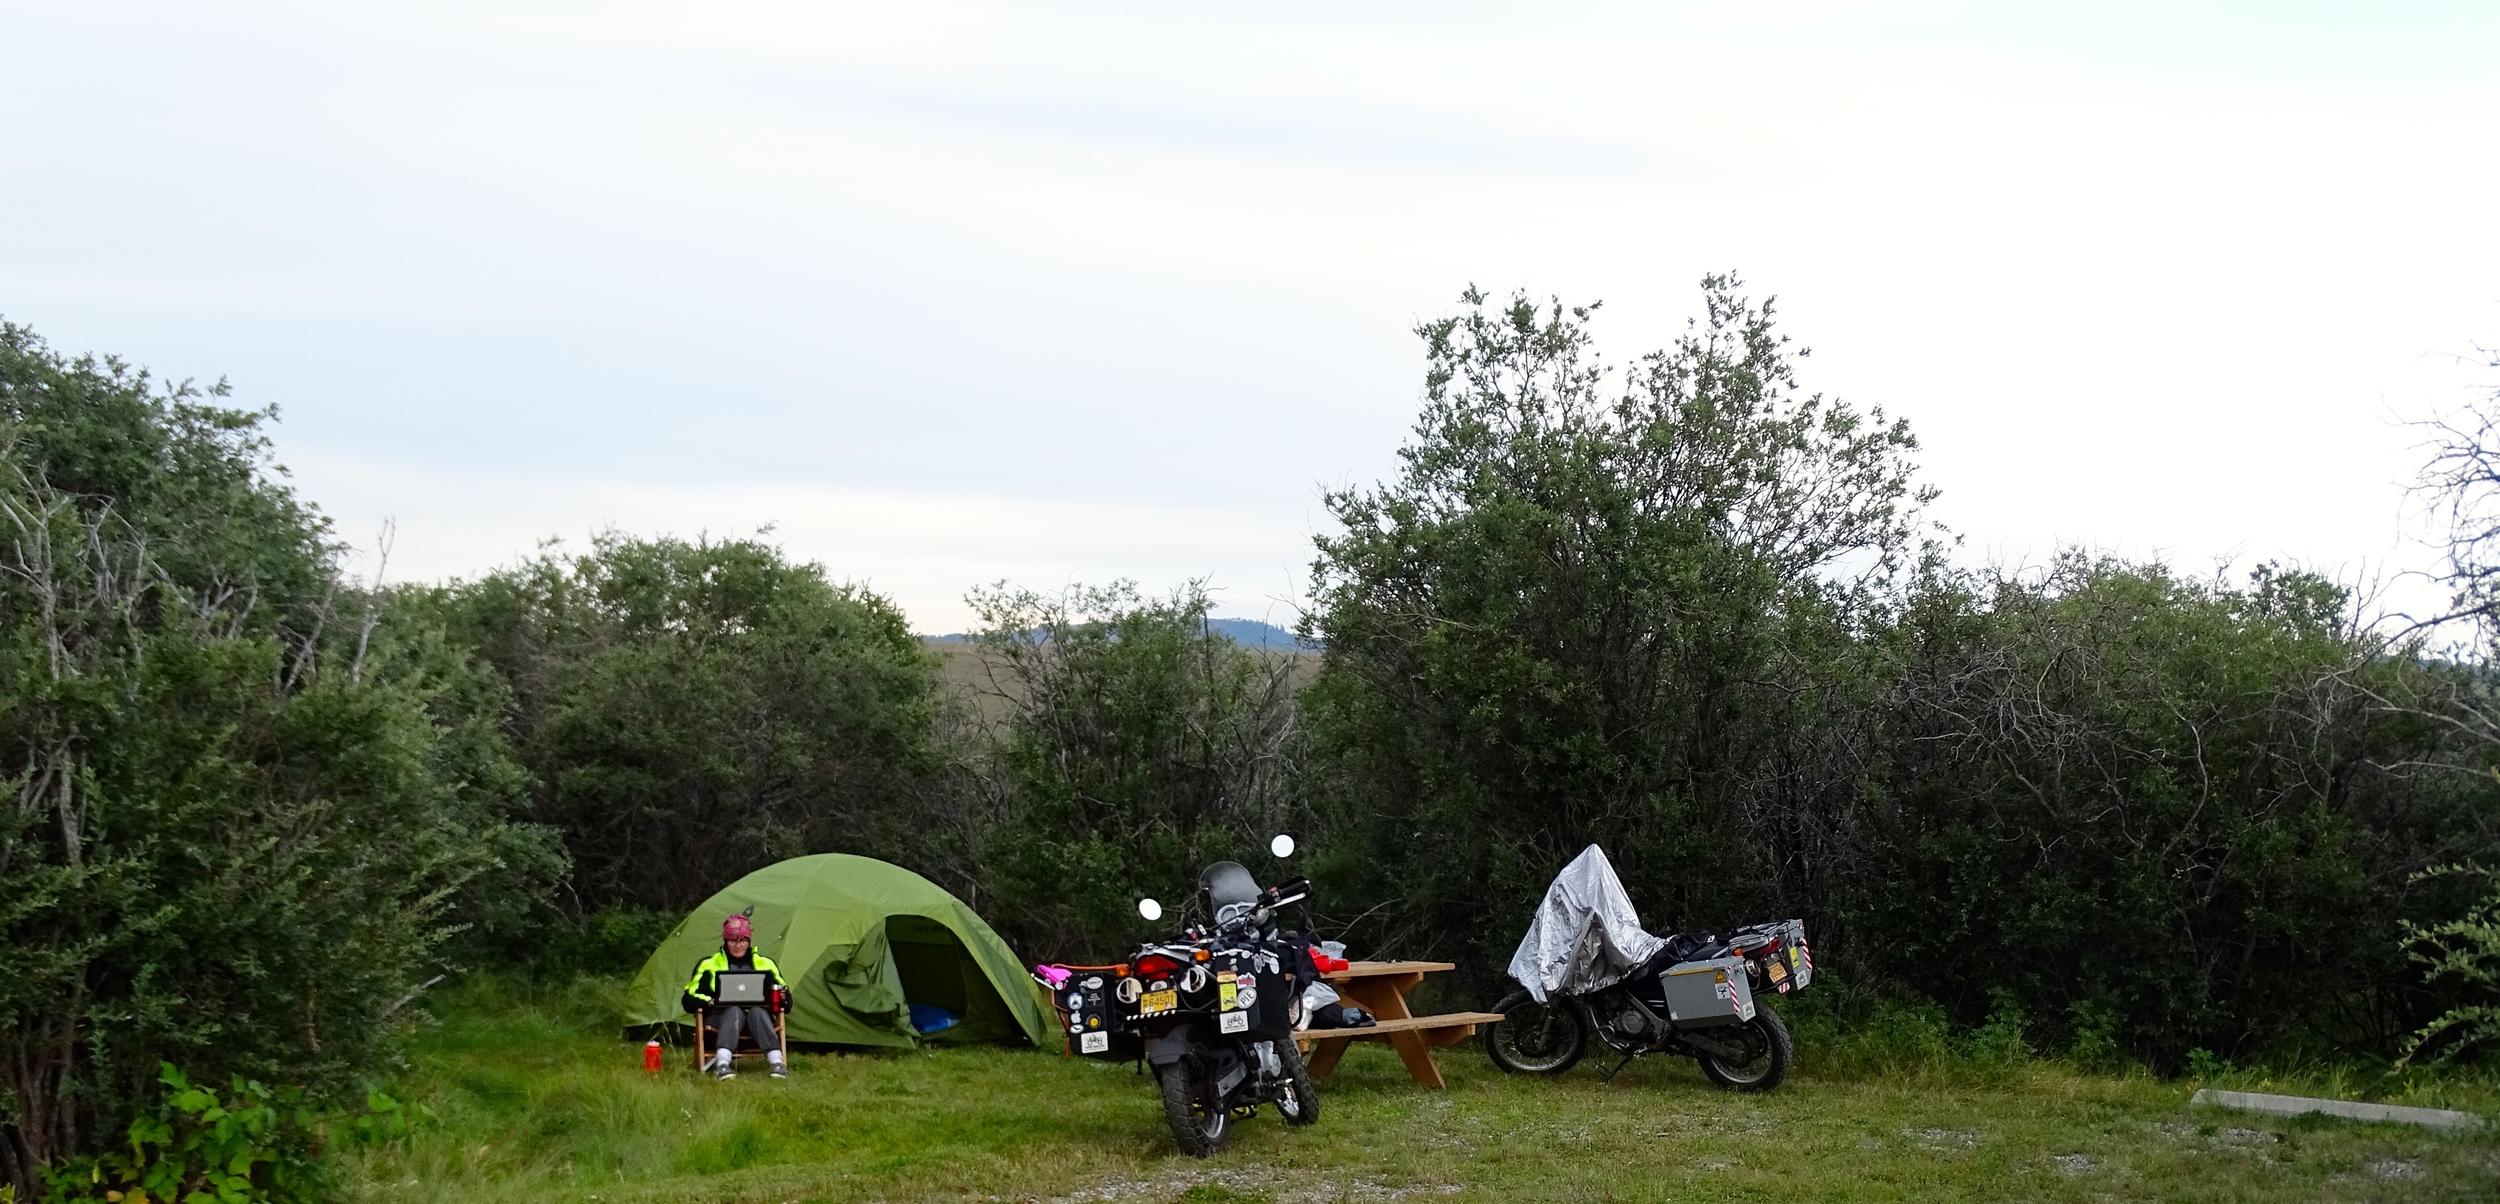 Camping at Chain Lakes Southern Alberta